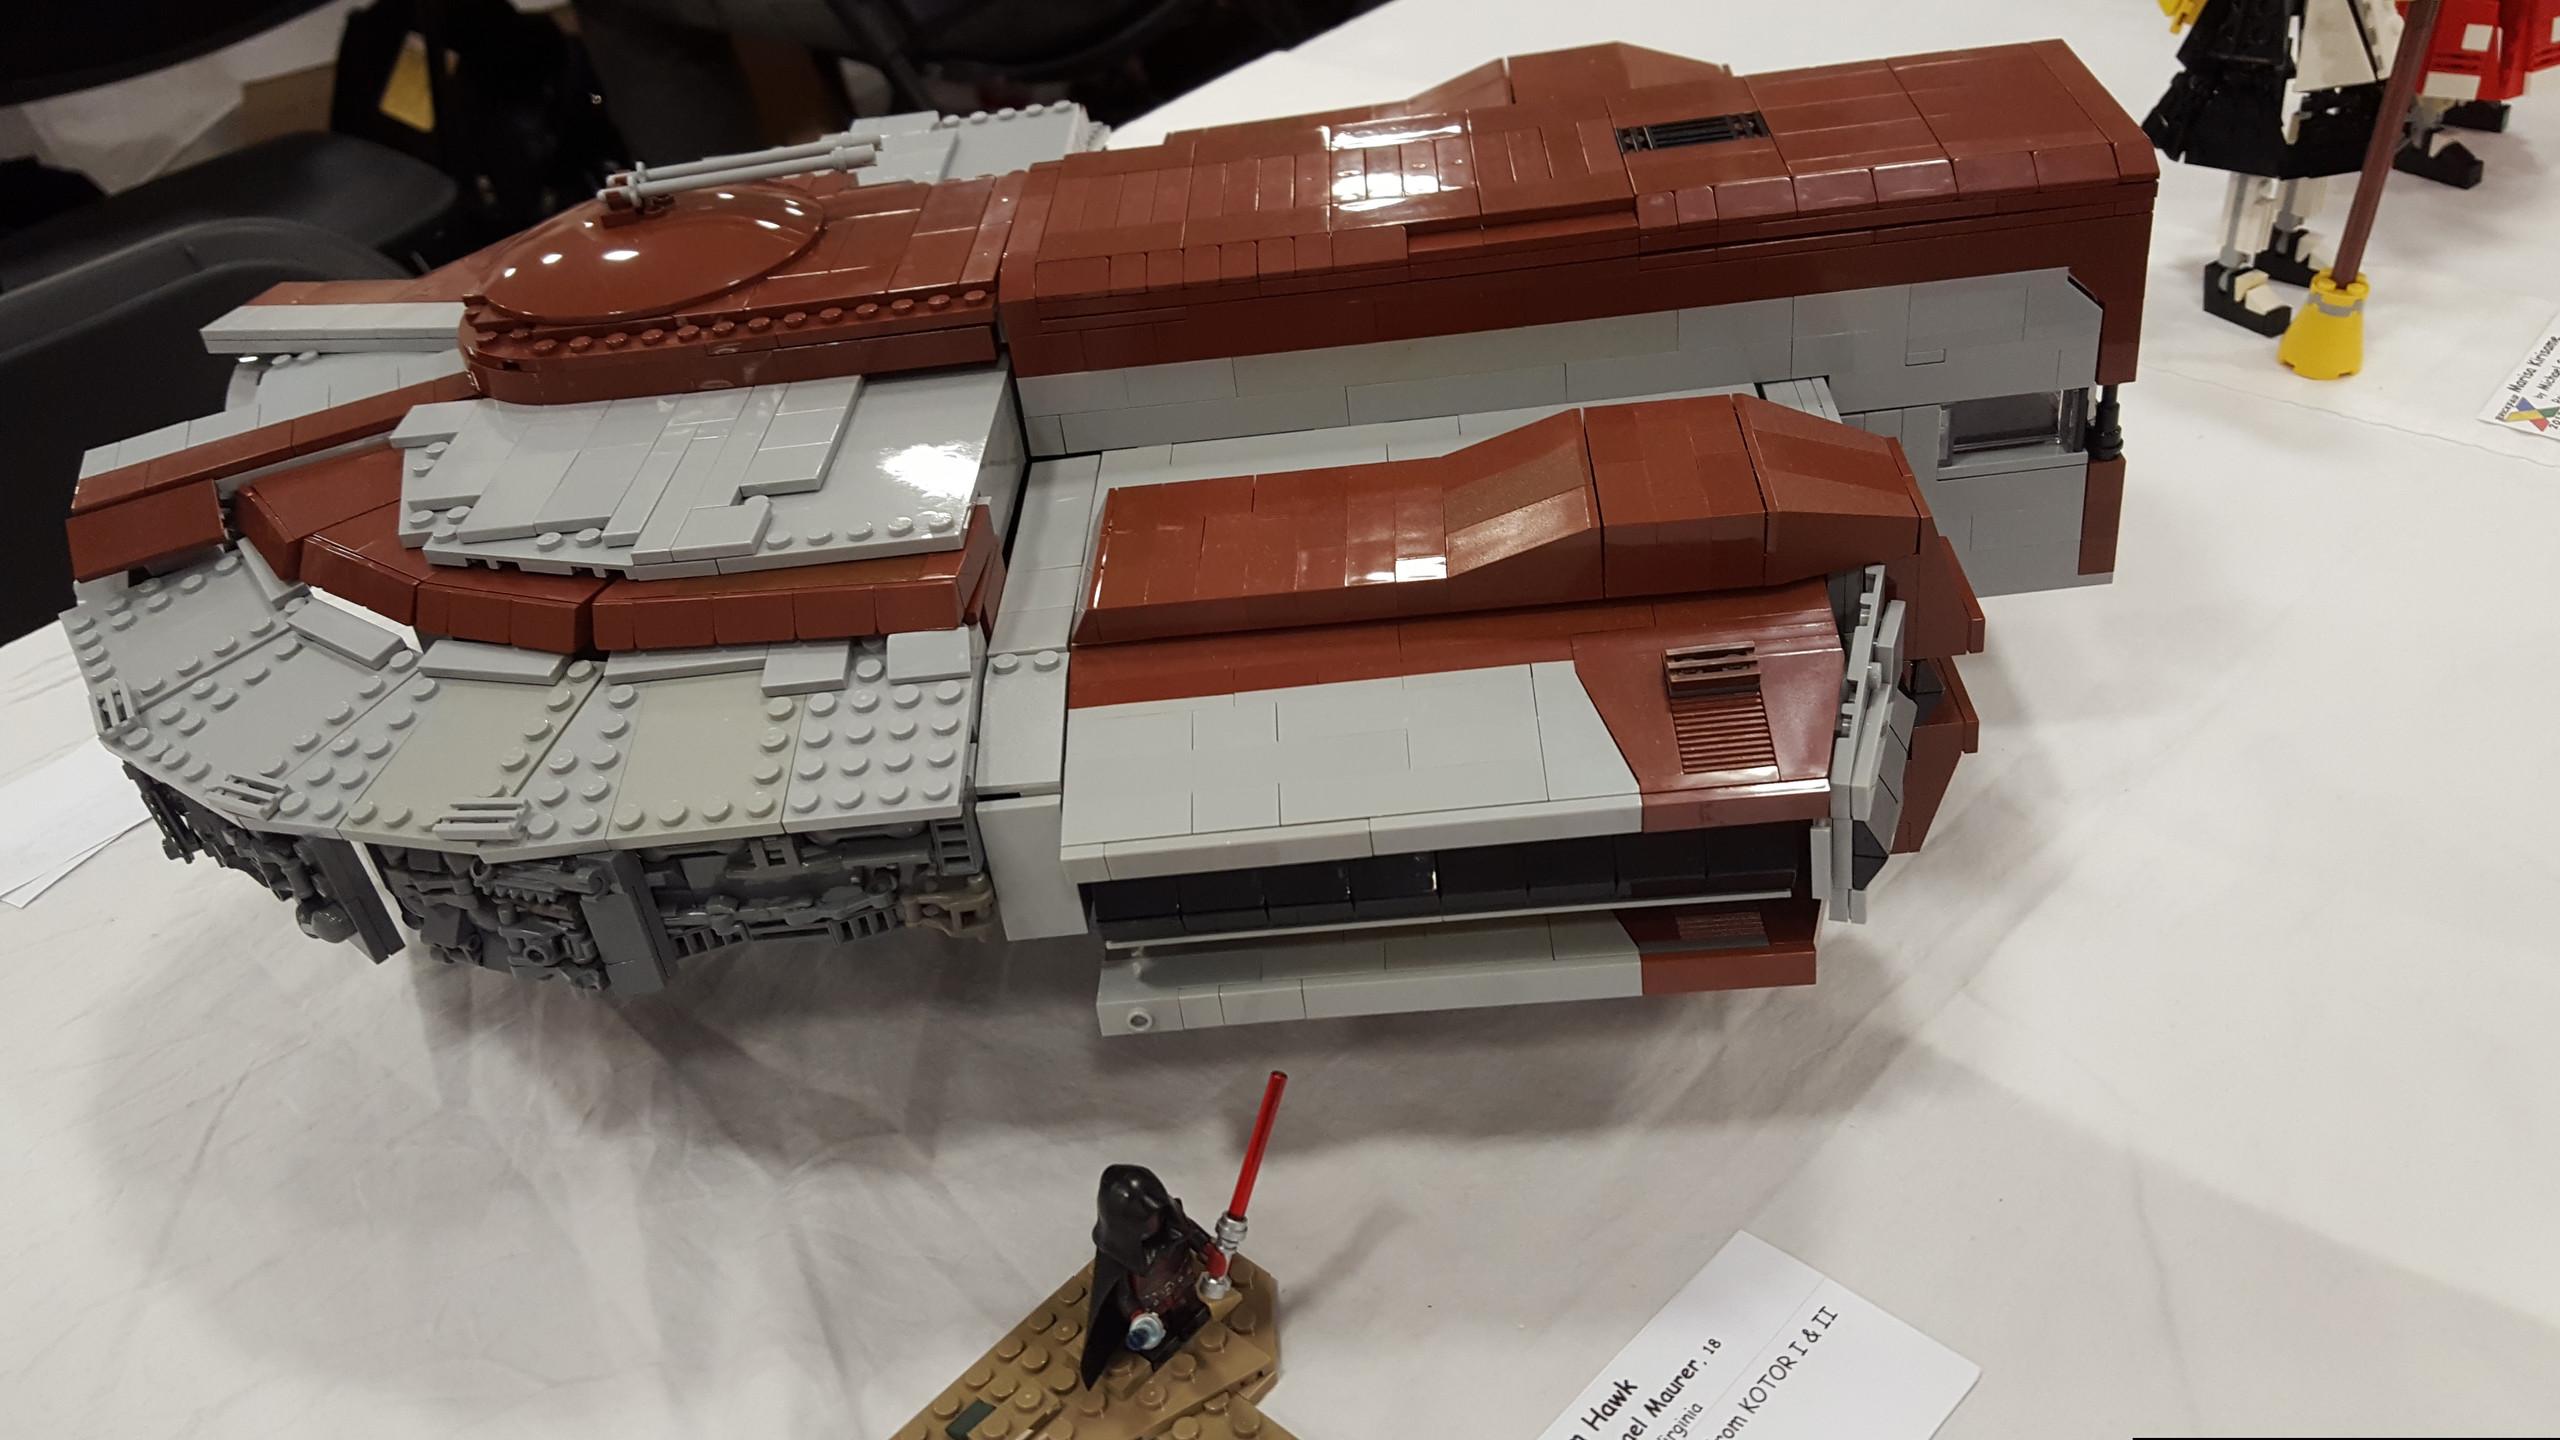 Ebon Hawk Lego Model